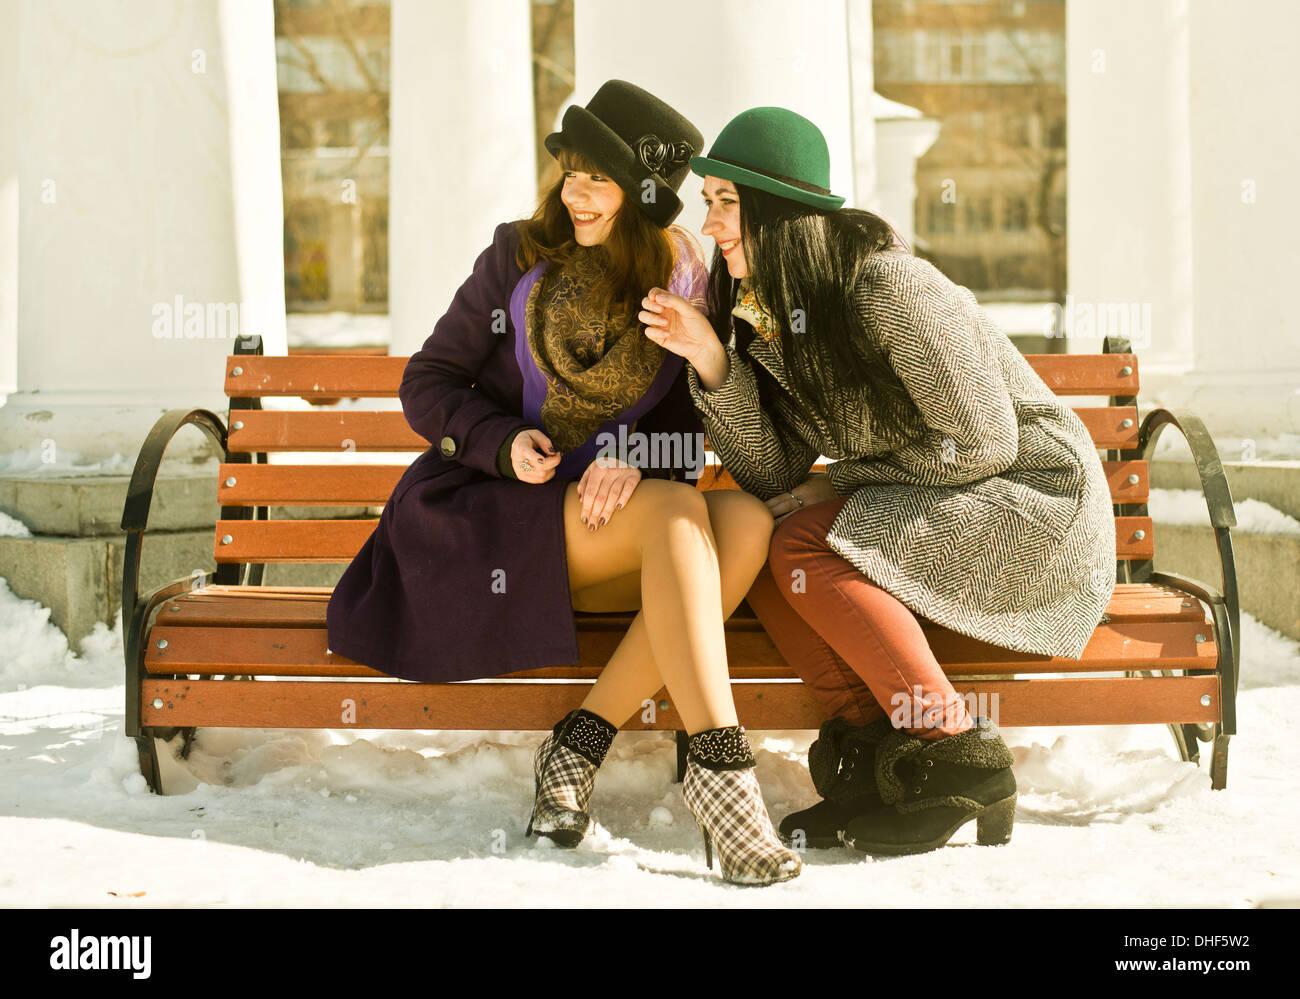 Zwei junge Frauen sitzen auf der Parkbank im Schnee Stockfoto